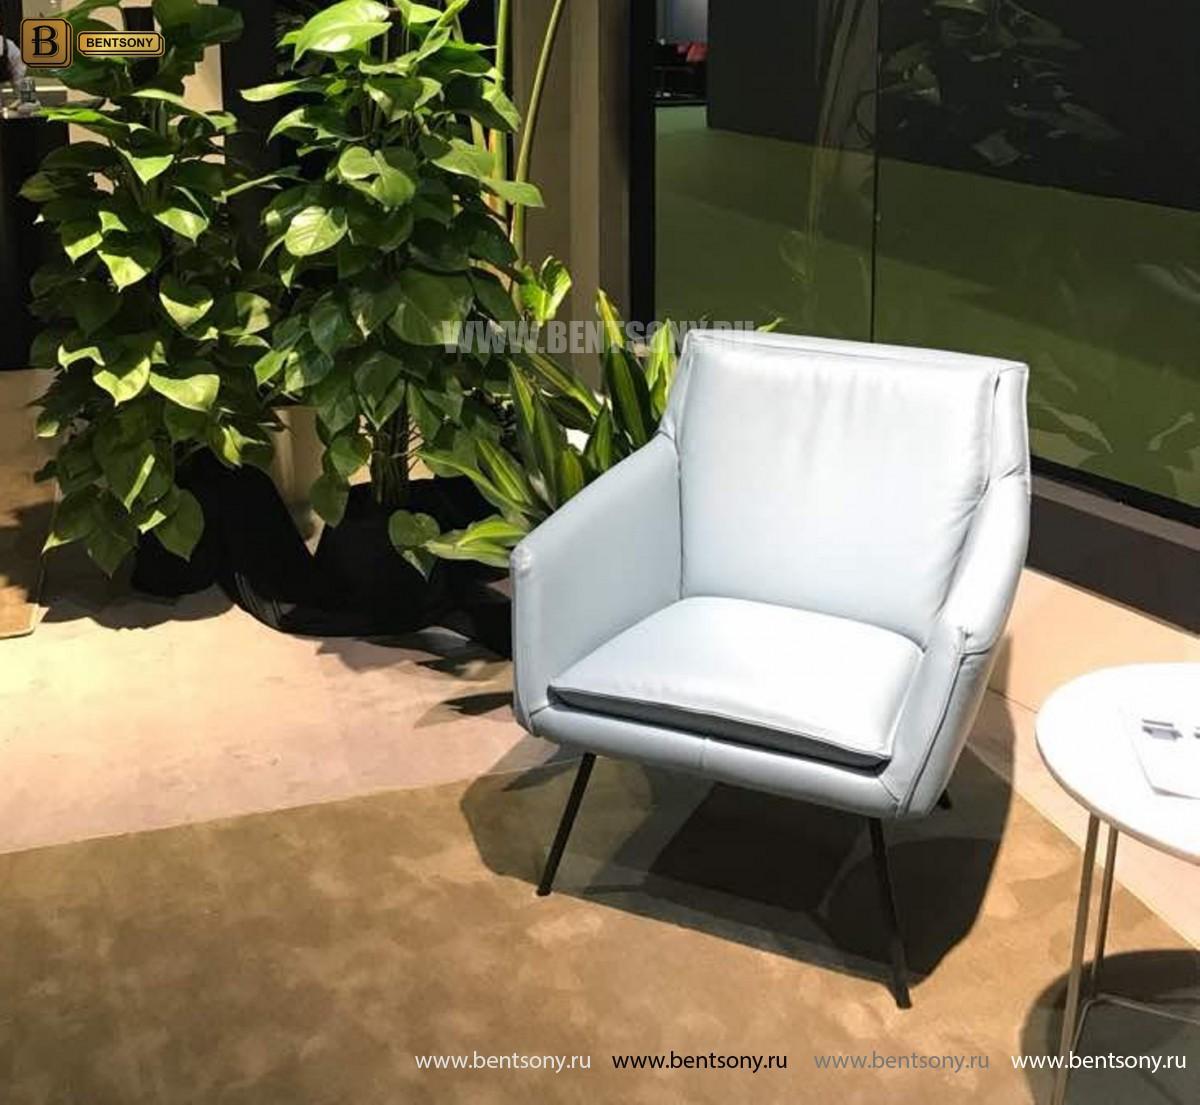 Кресло Соризо (Натуральная кожа, Металлические ножки) купить в СПб